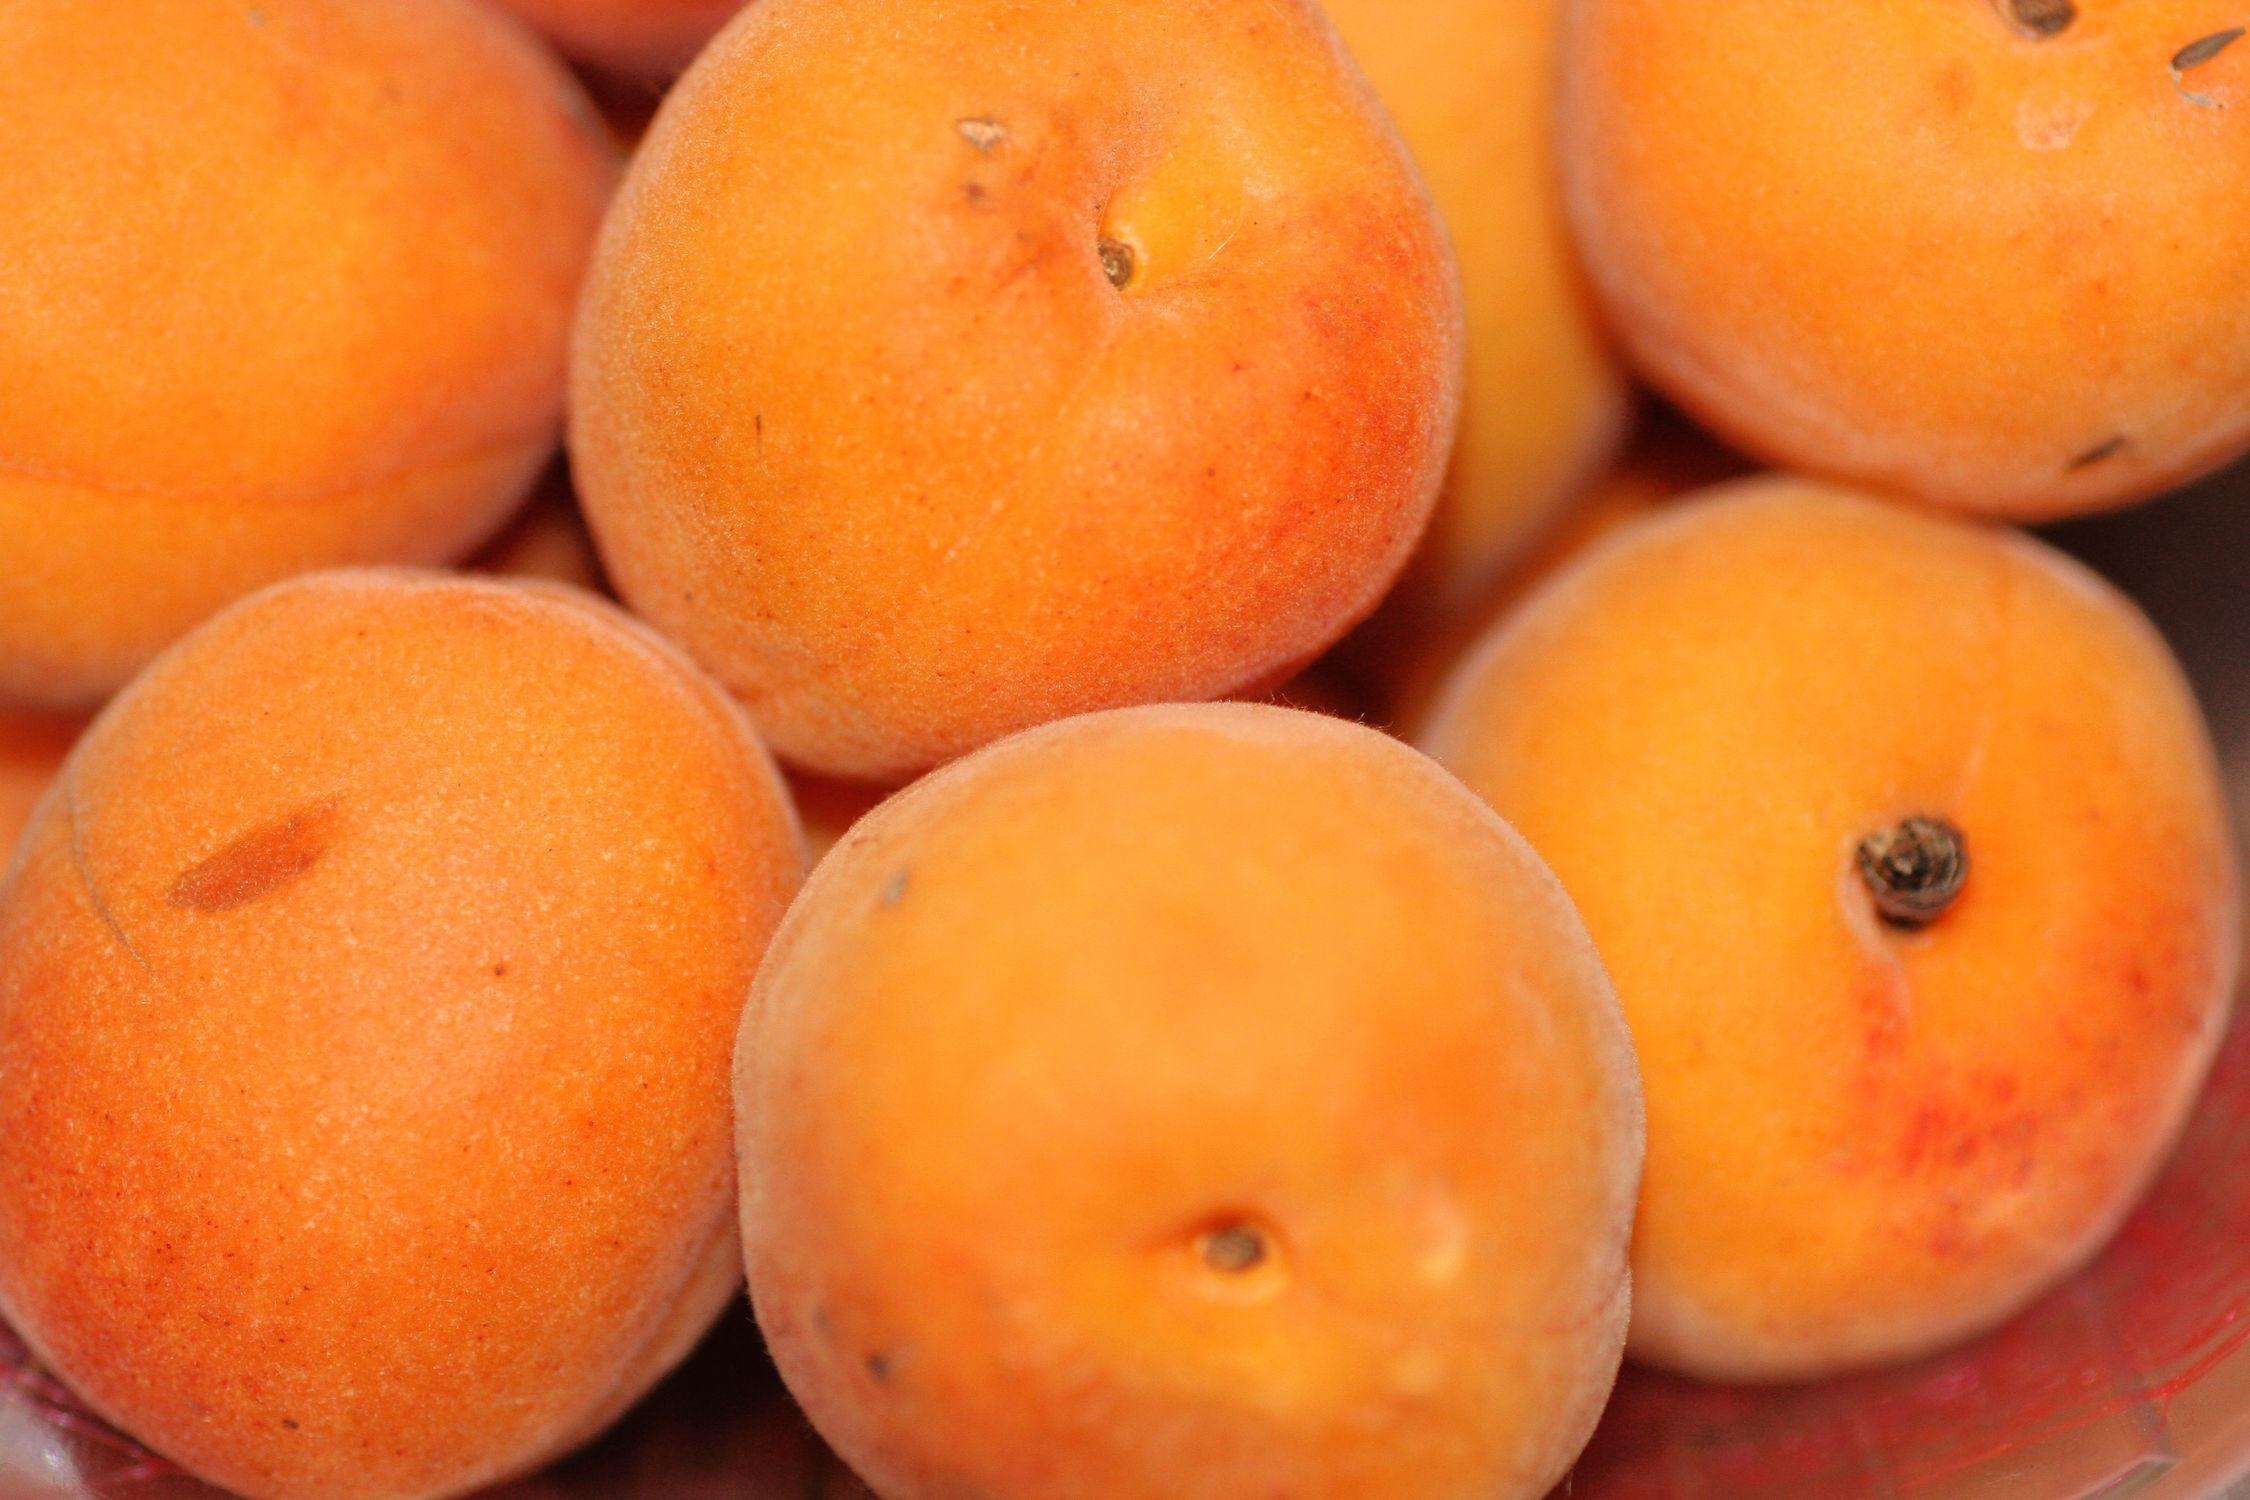 Bild mit Orange, Gelb, Gegenstände, Natur, Pflanzen, Früchte, Lebensmittel, Essen, Pfirsiche, Frucht, Aprikose, Aprikosen, Marille, L Obst, klein geratenen Pfirsich, Malete, Armeniaca, Reife Aprikosen